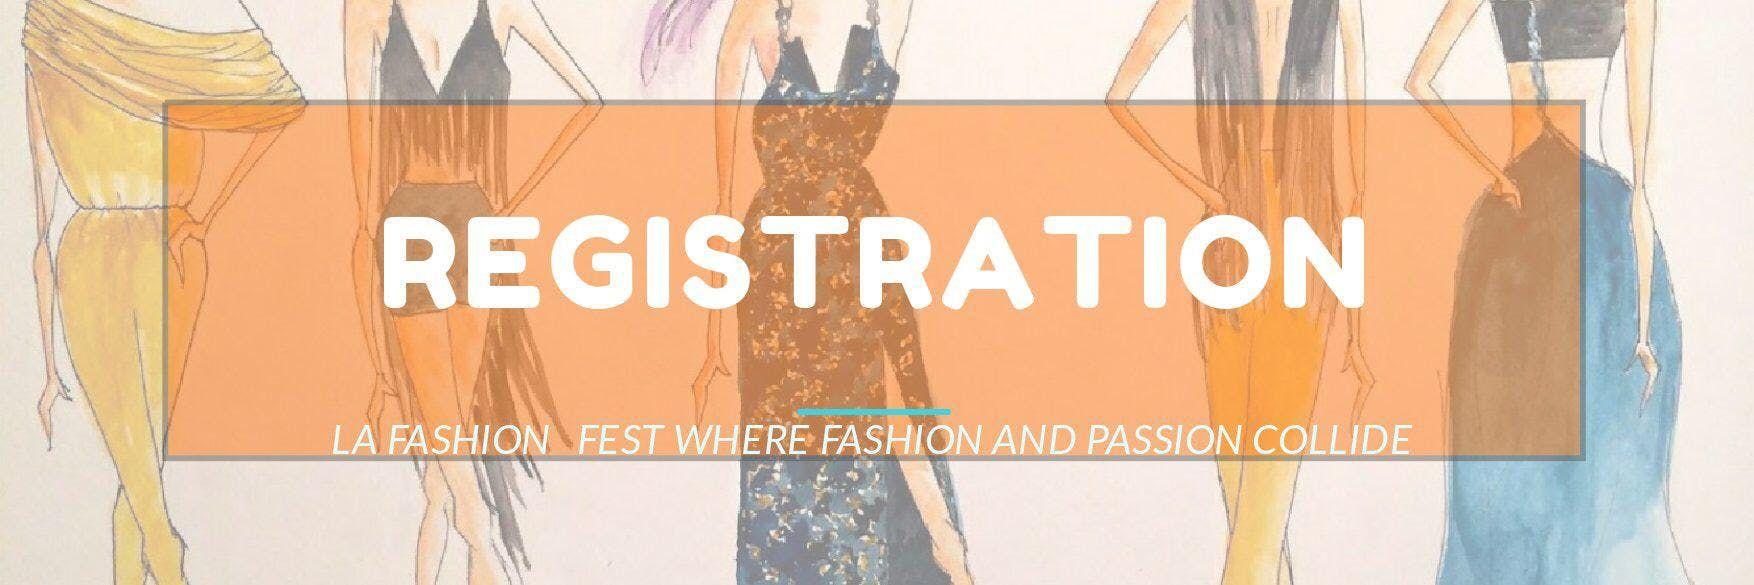 La Fashion Fest Meet And Greet At Concrete Studios Los Angeles